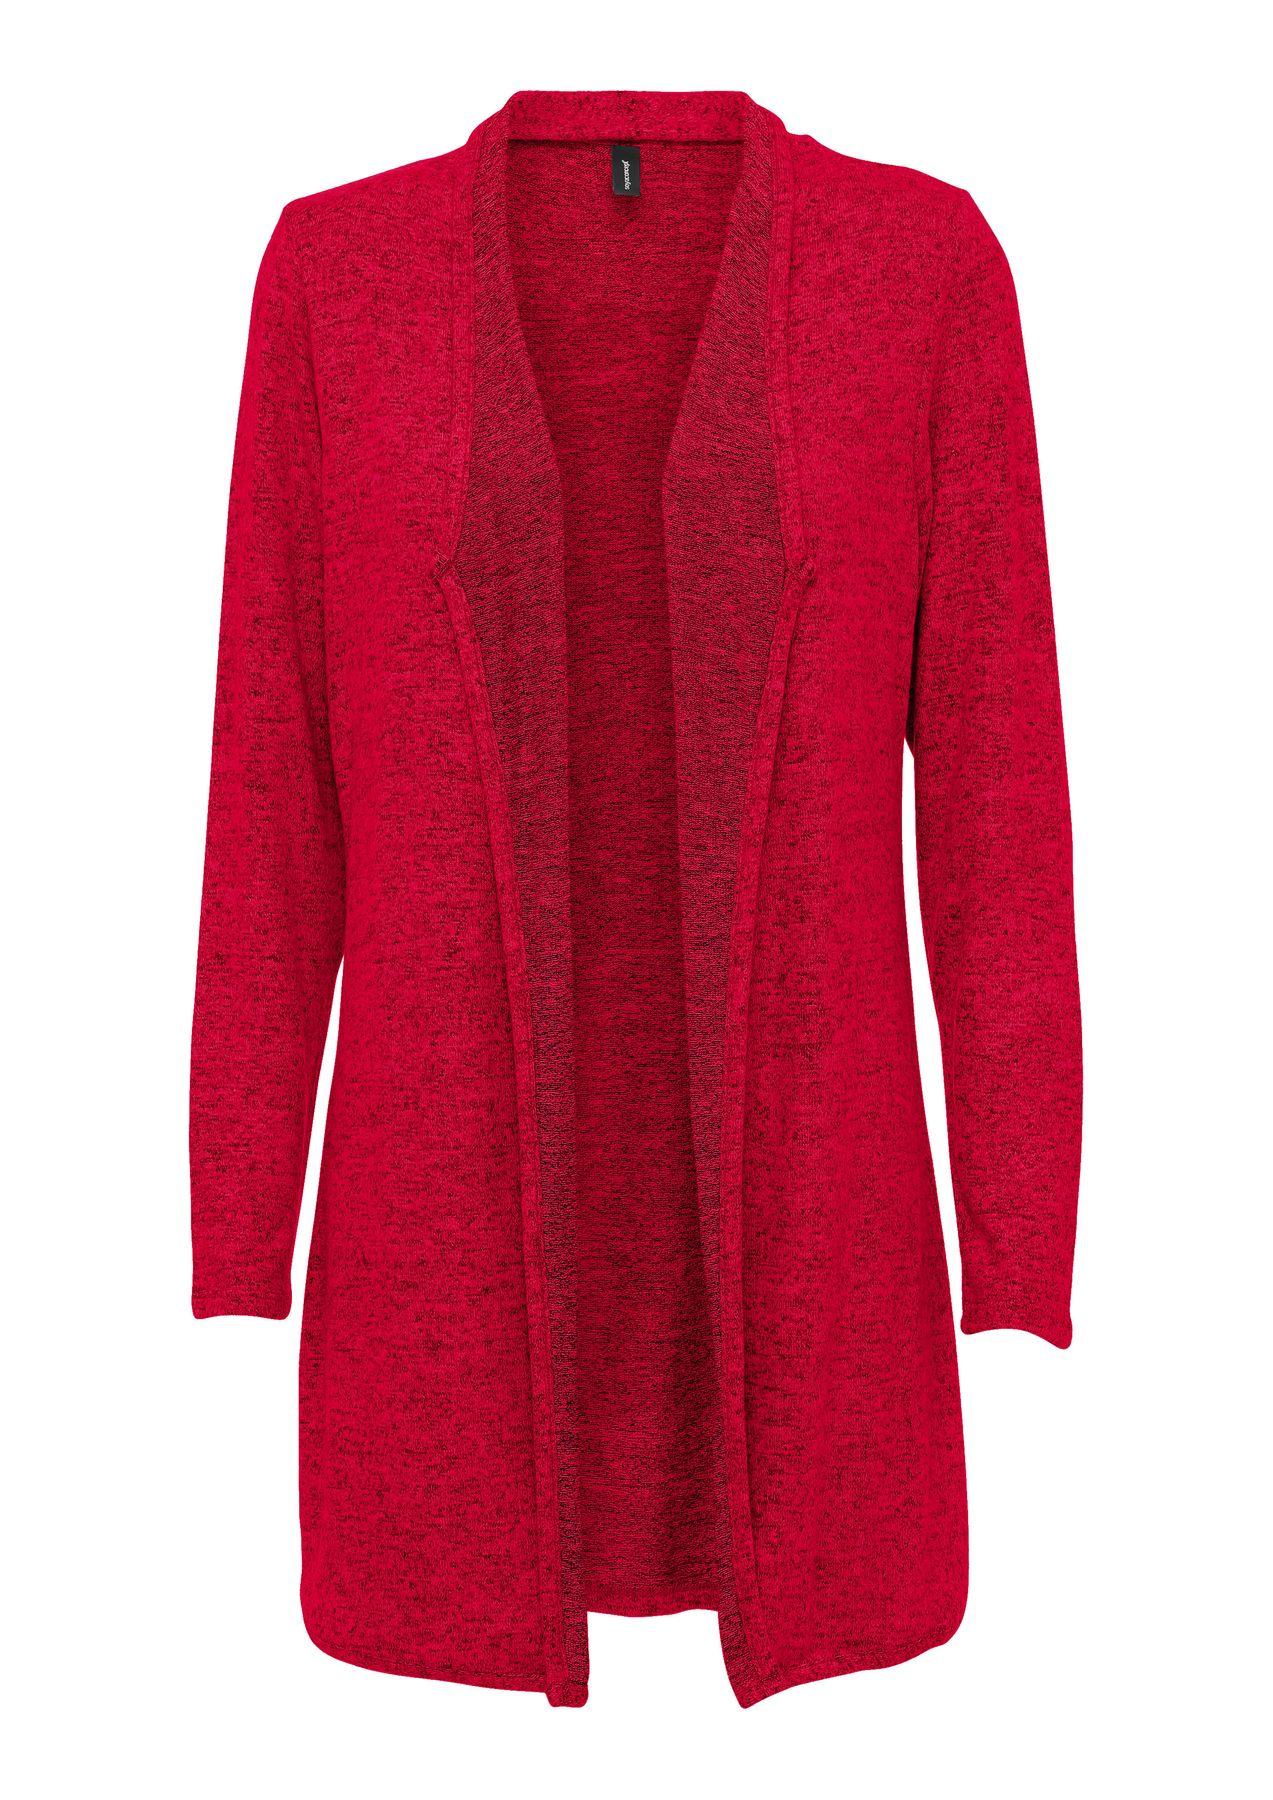 Soyaconcept - Damen Jersey Jacke in verschiedenen Farben, SC-Biara 21 (23798) – Bild 3